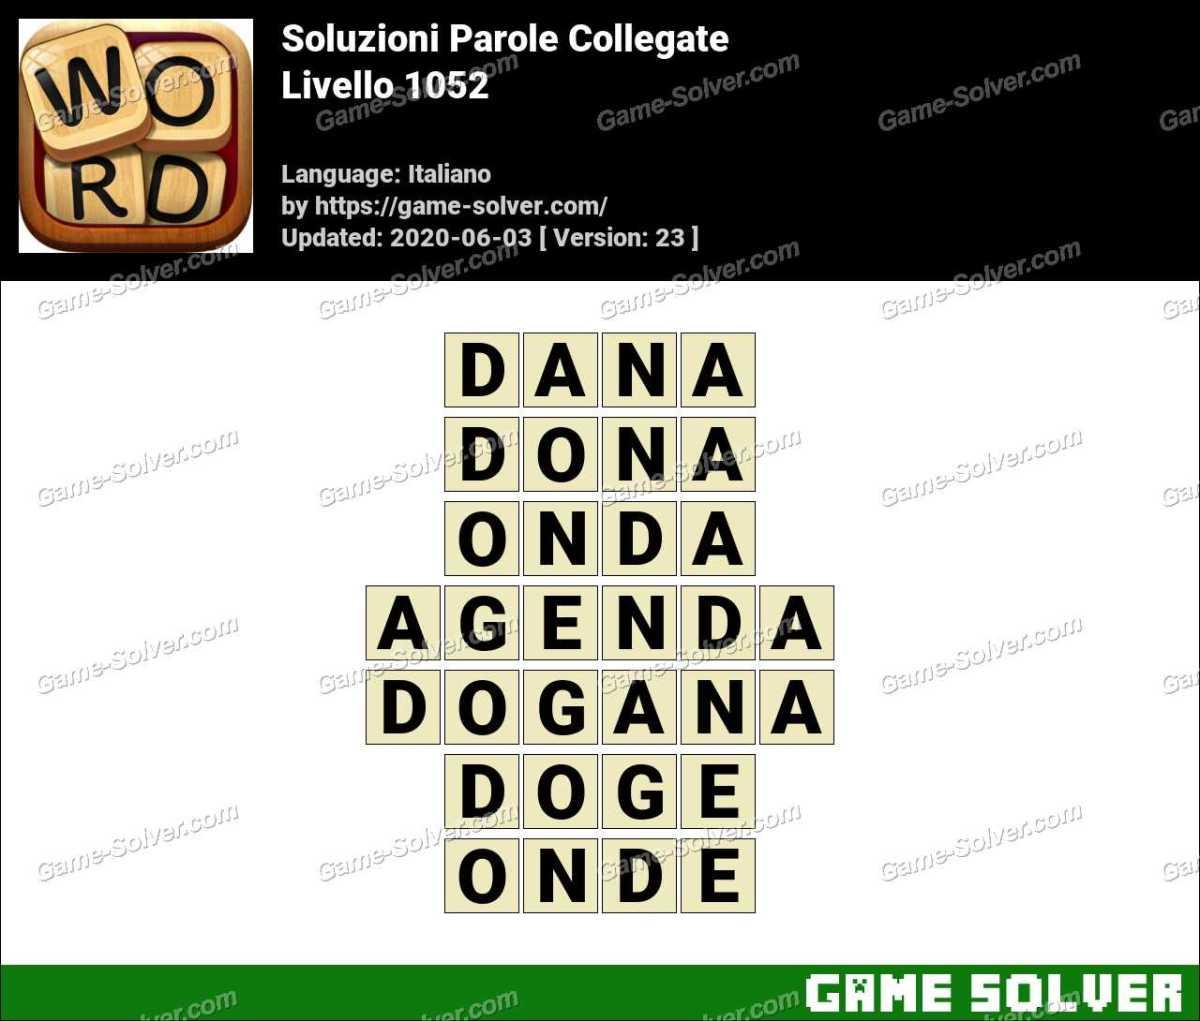 Soluzioni Parole Collegate Livello 1052